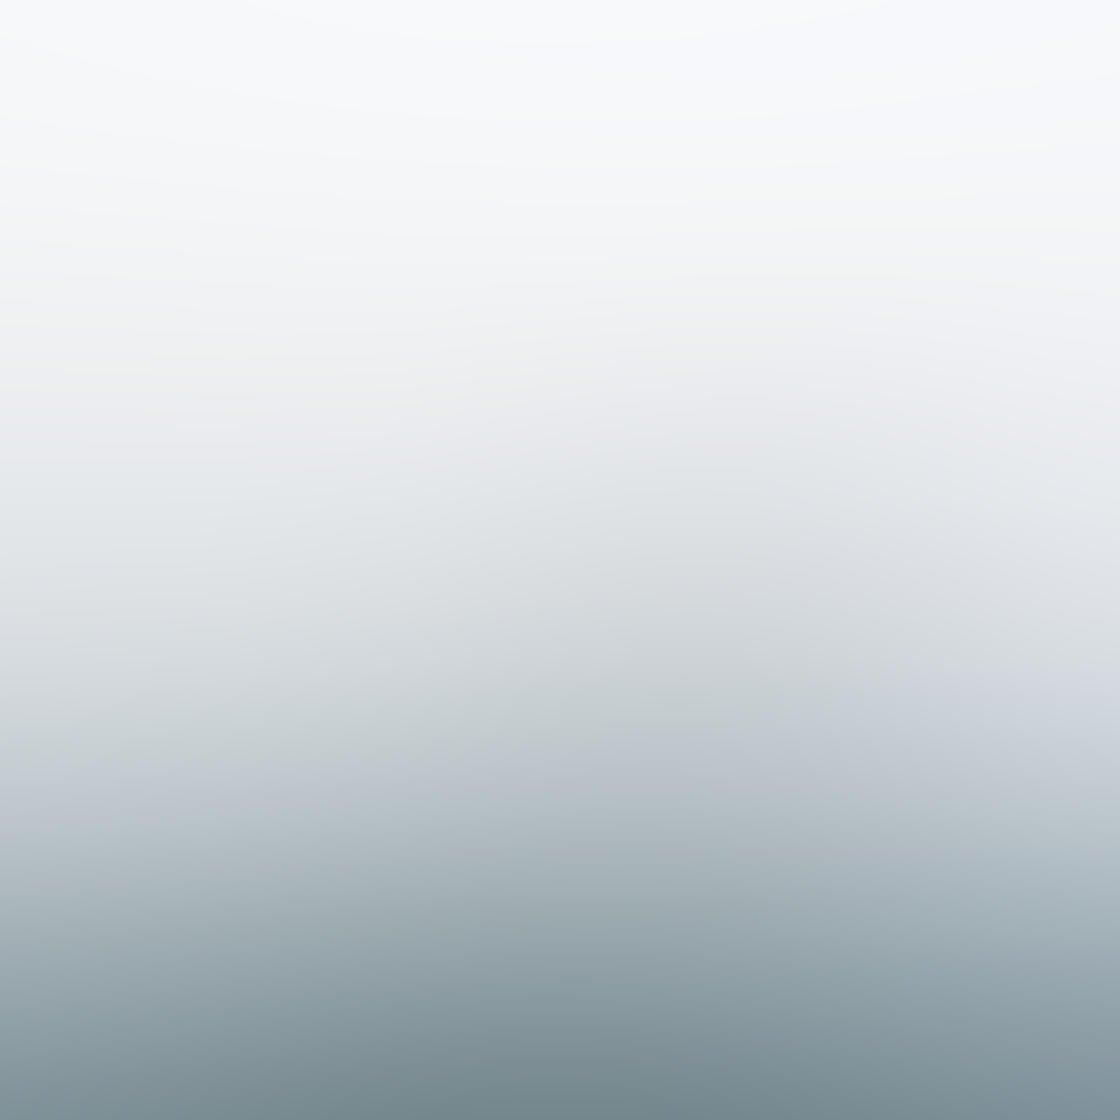 Landscape iPhone Photo Composition 33